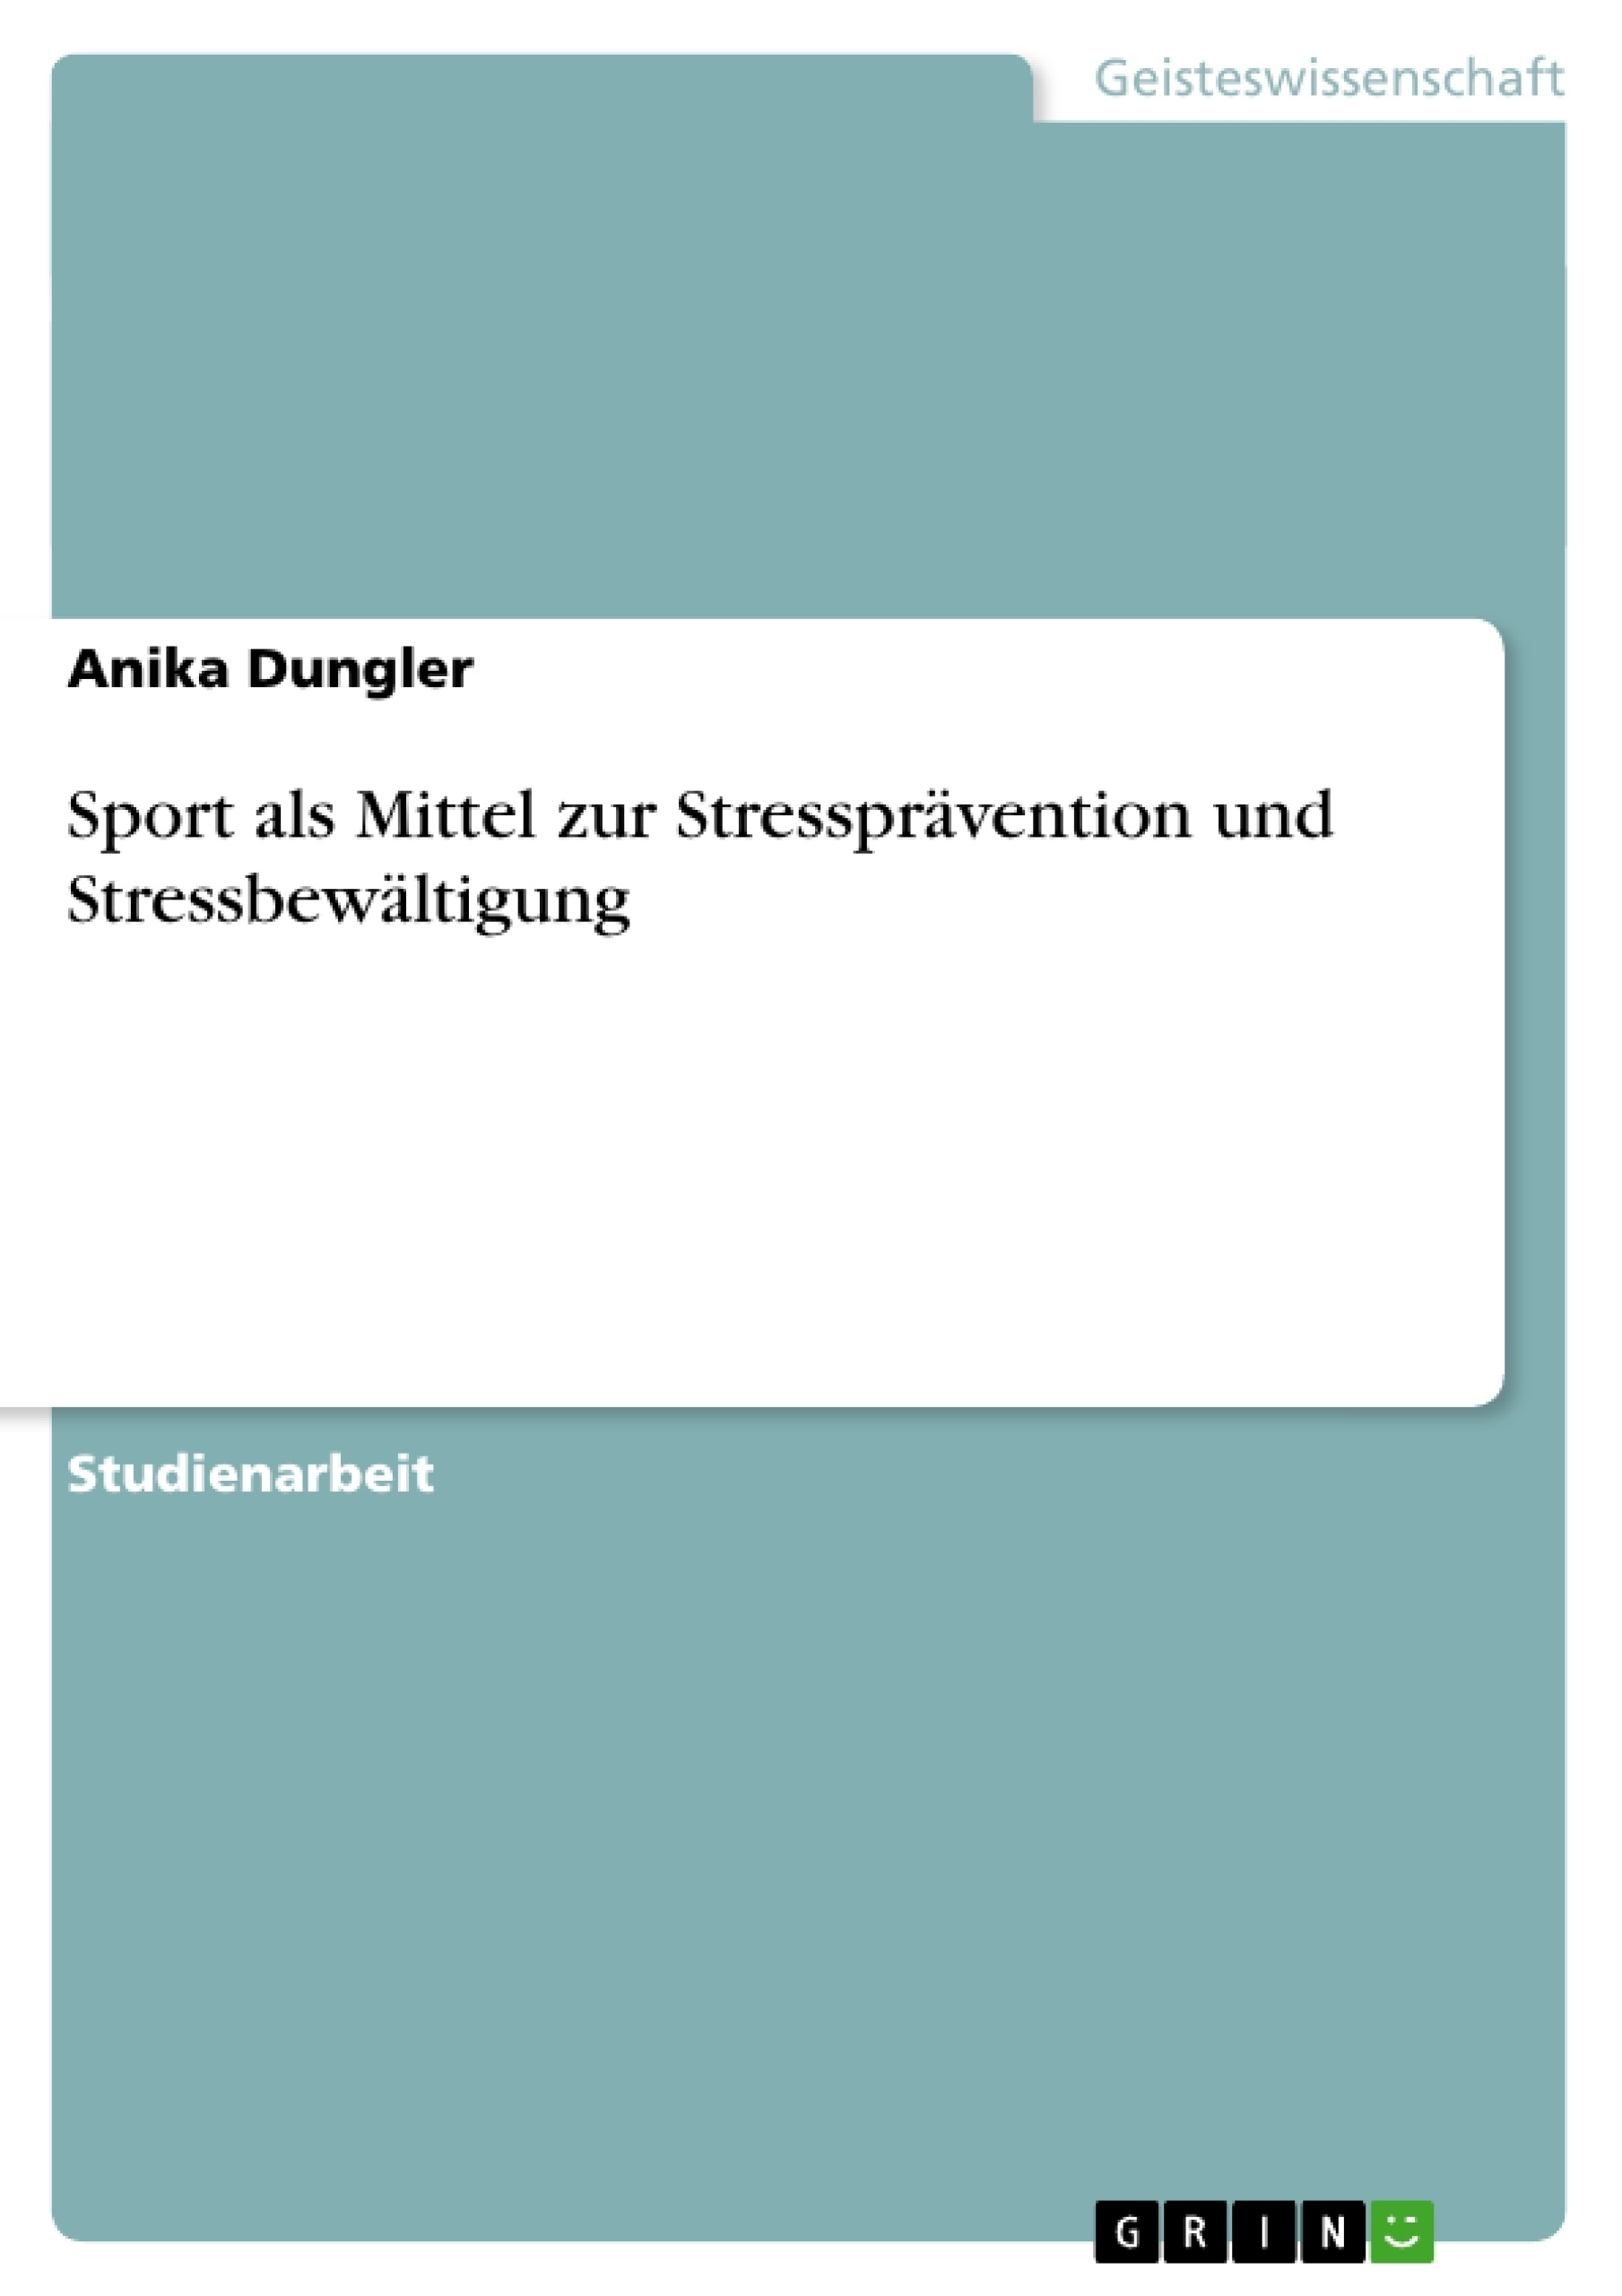 Titel: Sport als Mittel zur Stressprävention und Stressbewältigung